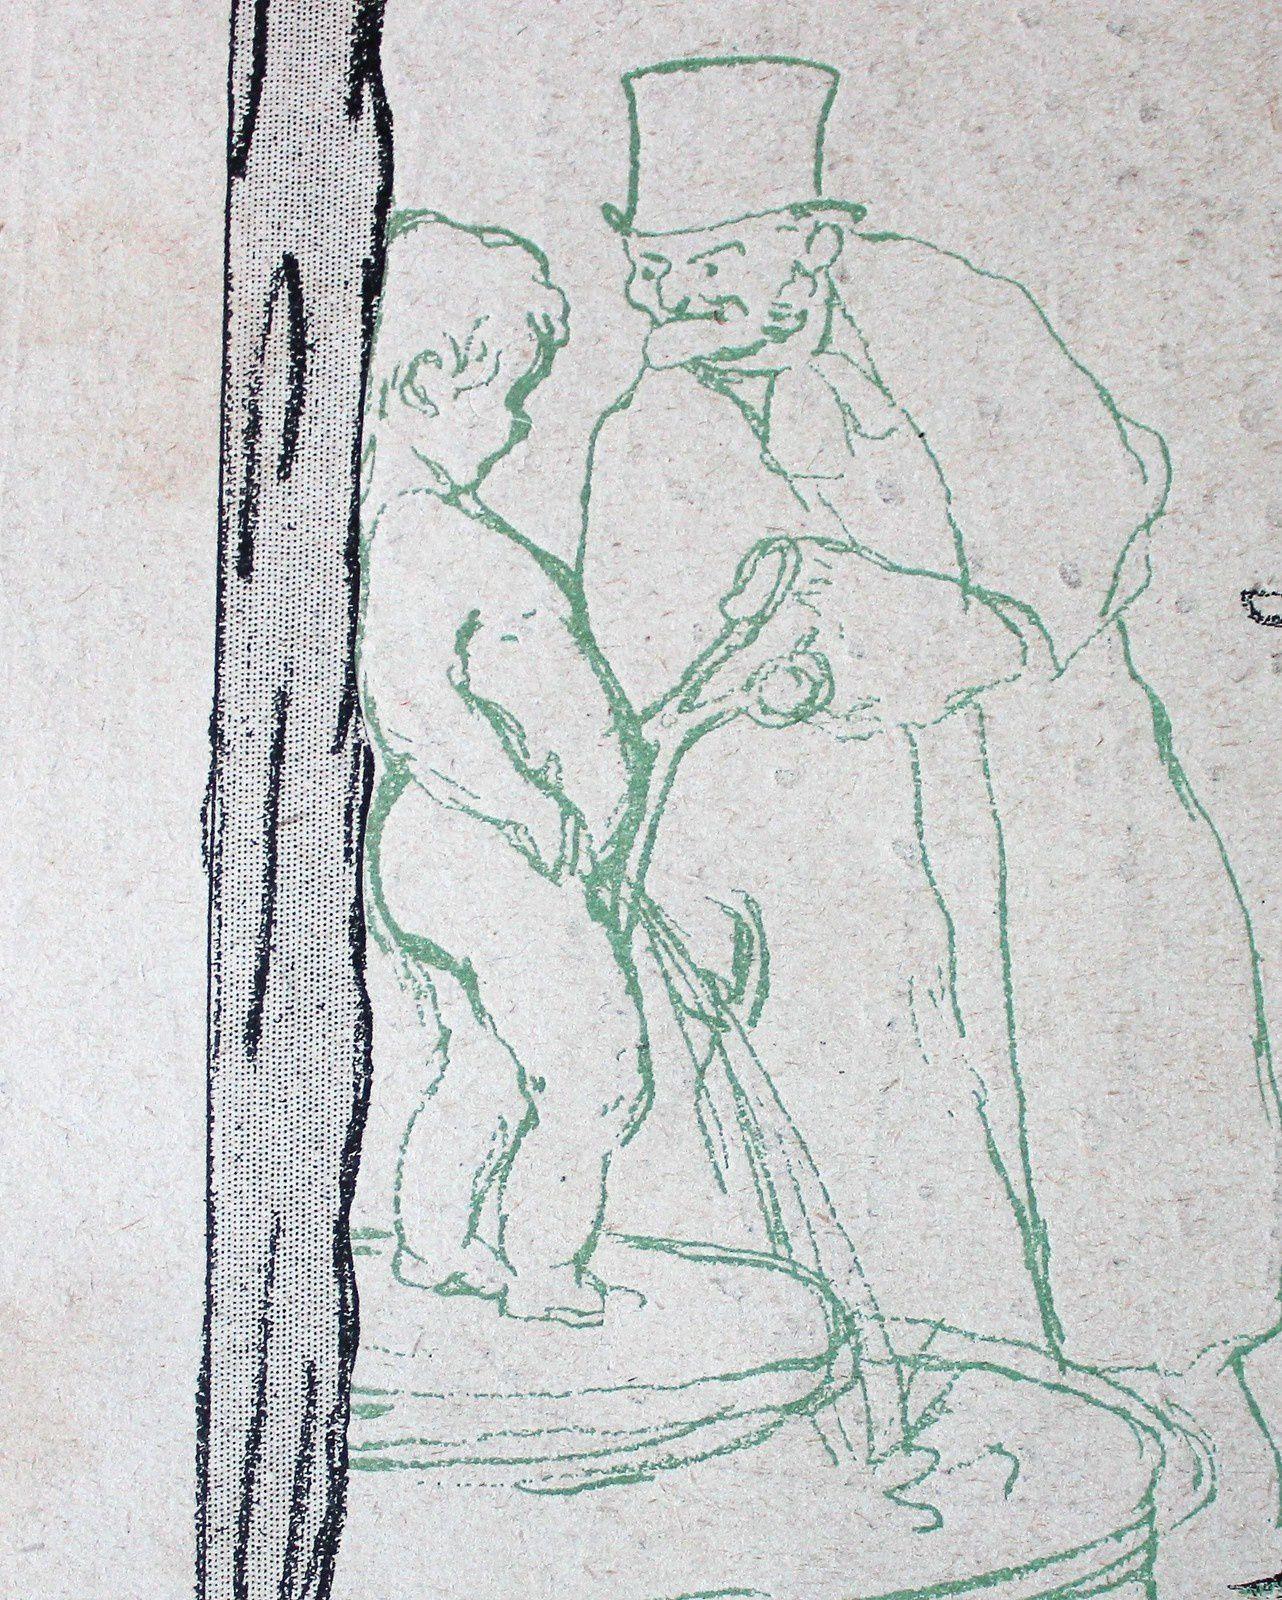 Détail de la caricature de Savignol dans le numéro 372. Bérenger coupeur de sexe!